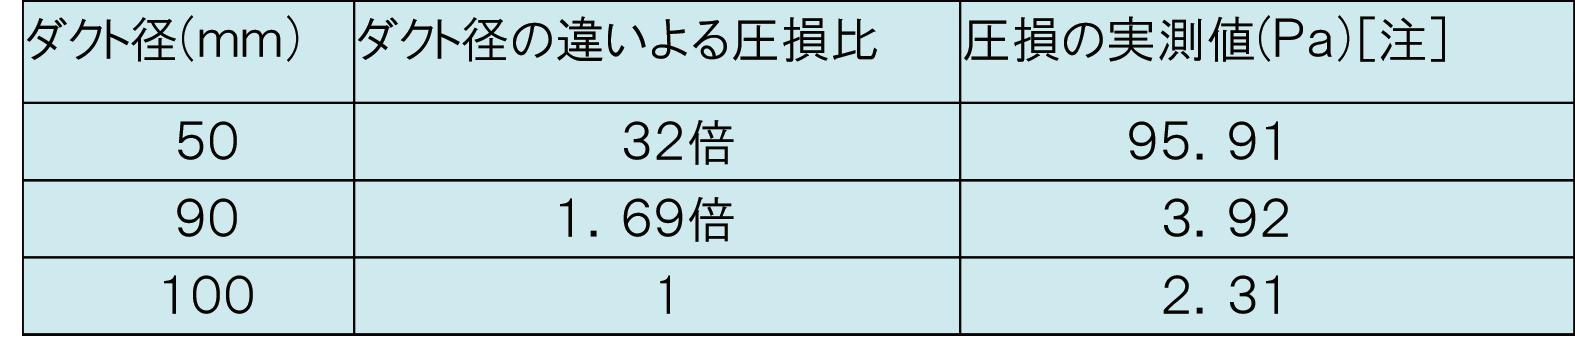 sakamoto_5-tab3